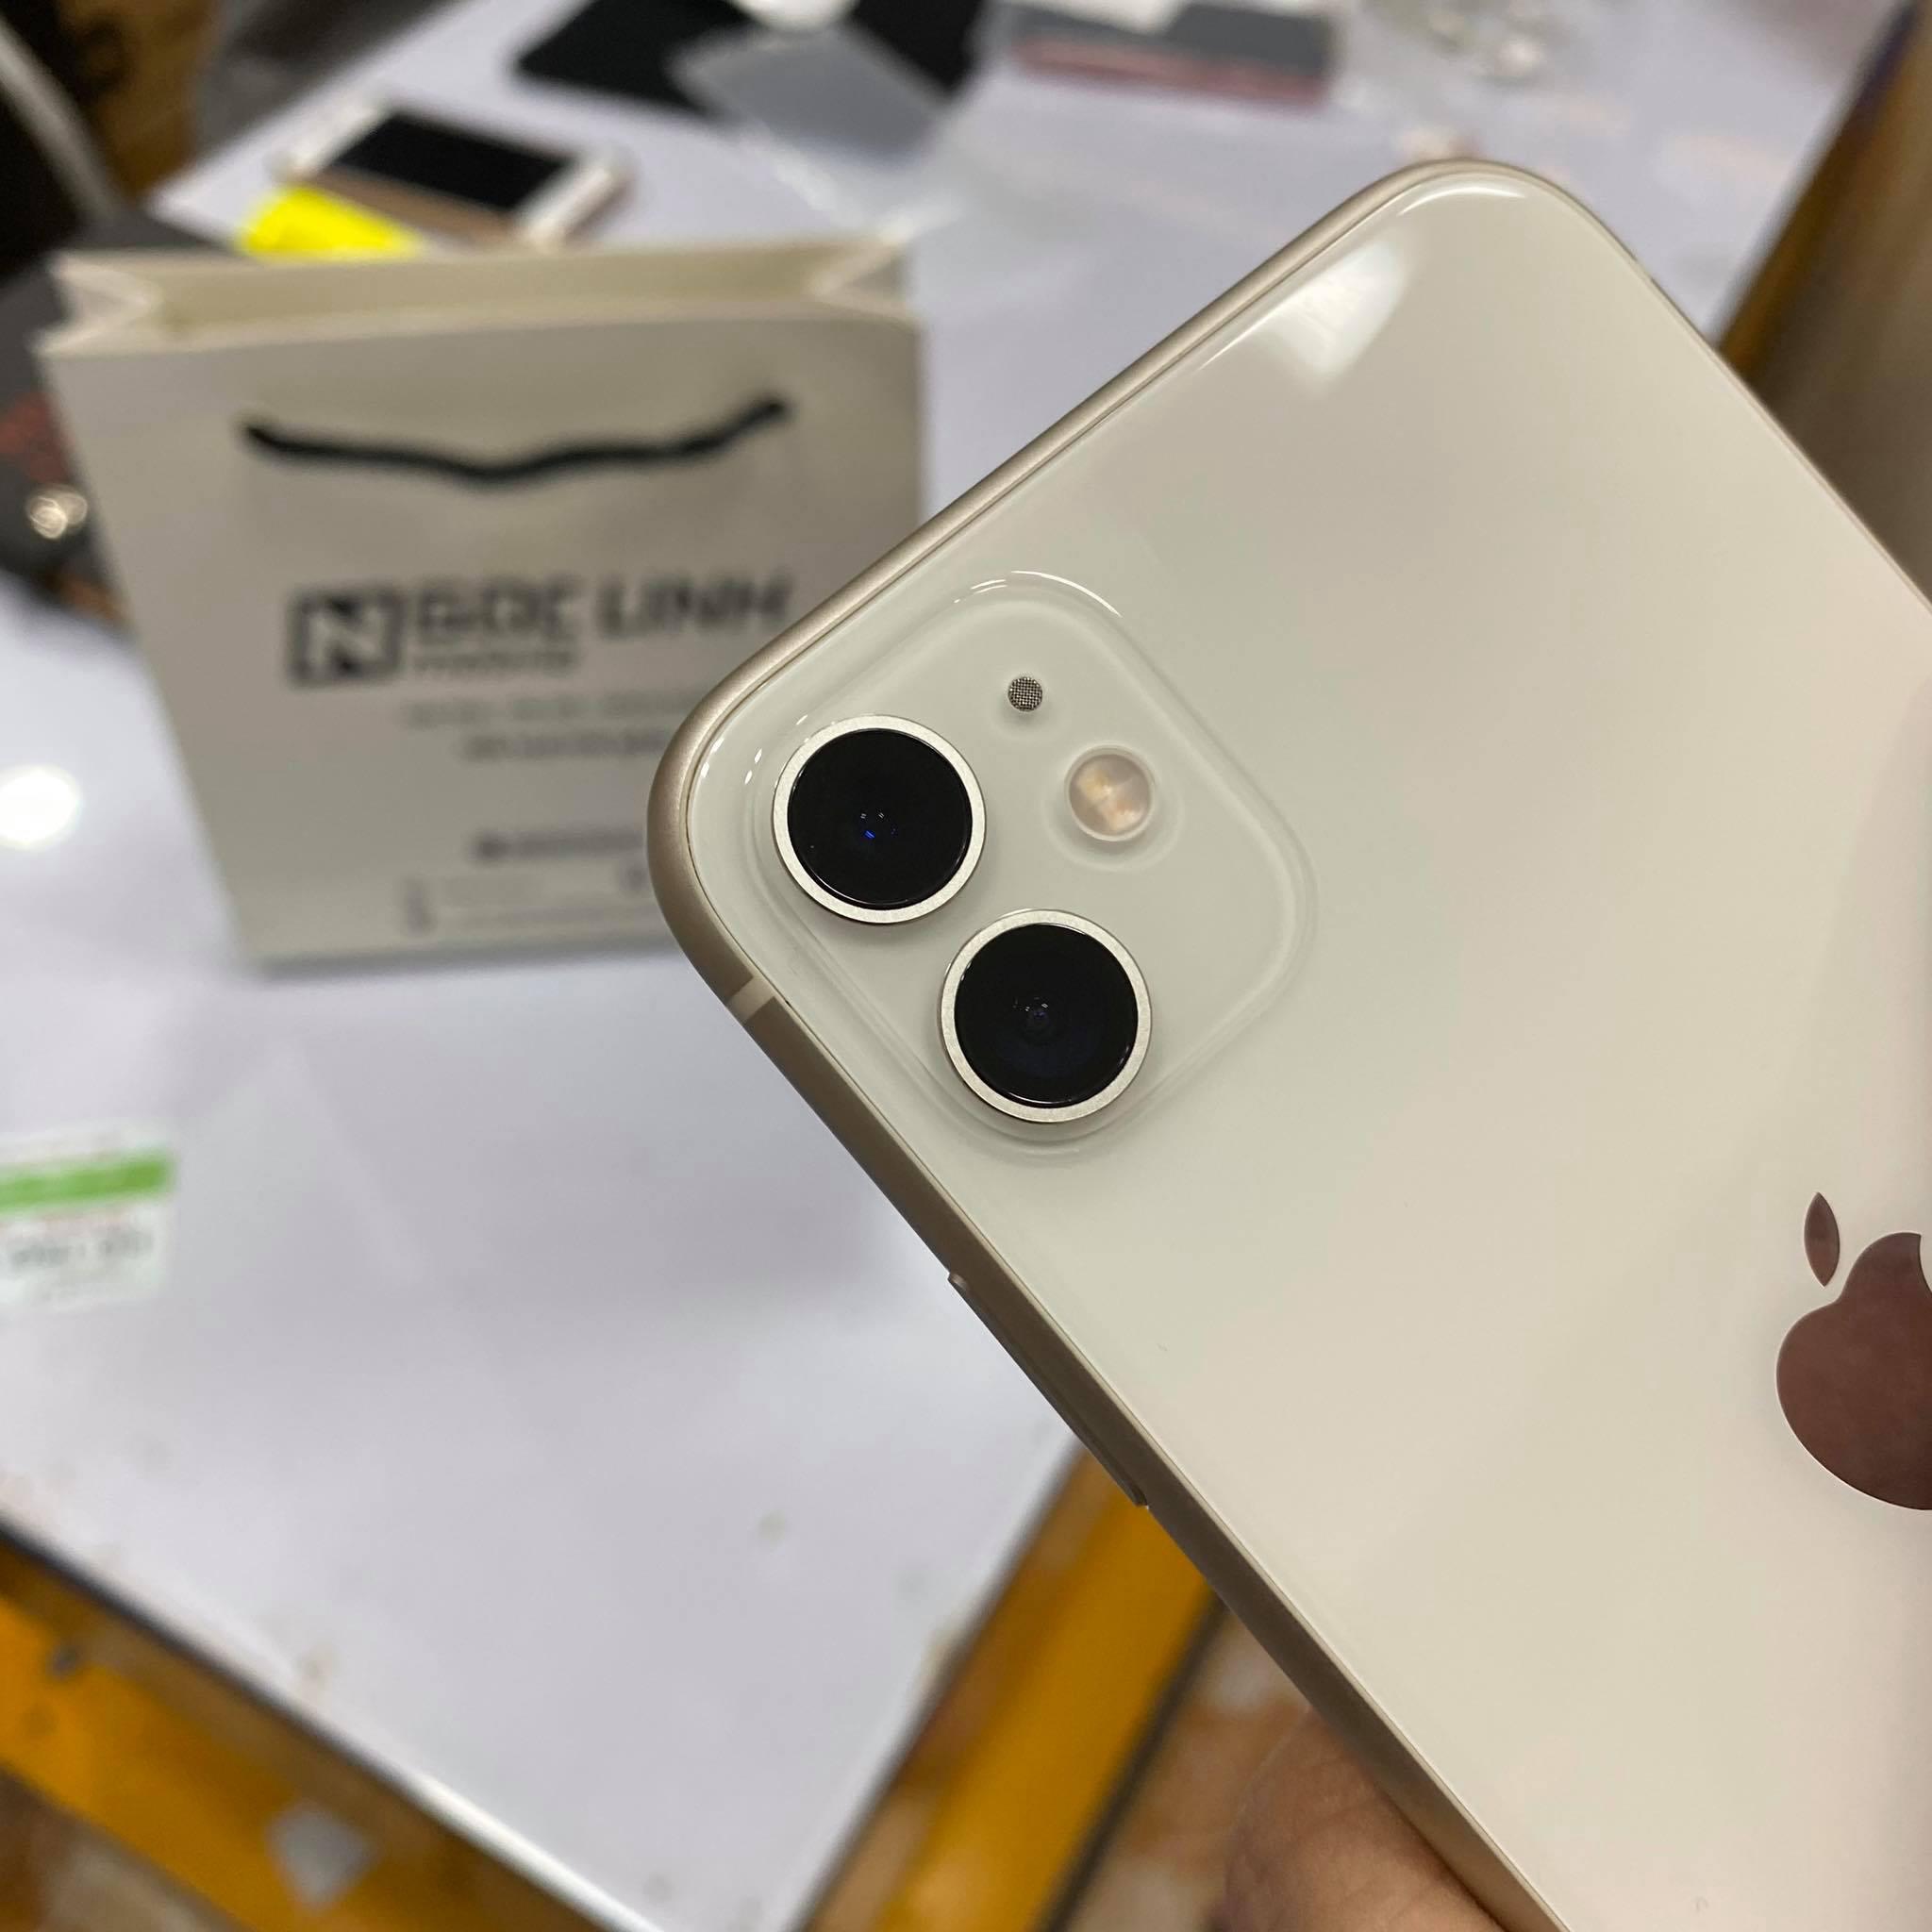 iPhone 11 iPhone 11 - Thời điểm này nên chọn iPhone XS Max hay iPhone 11?